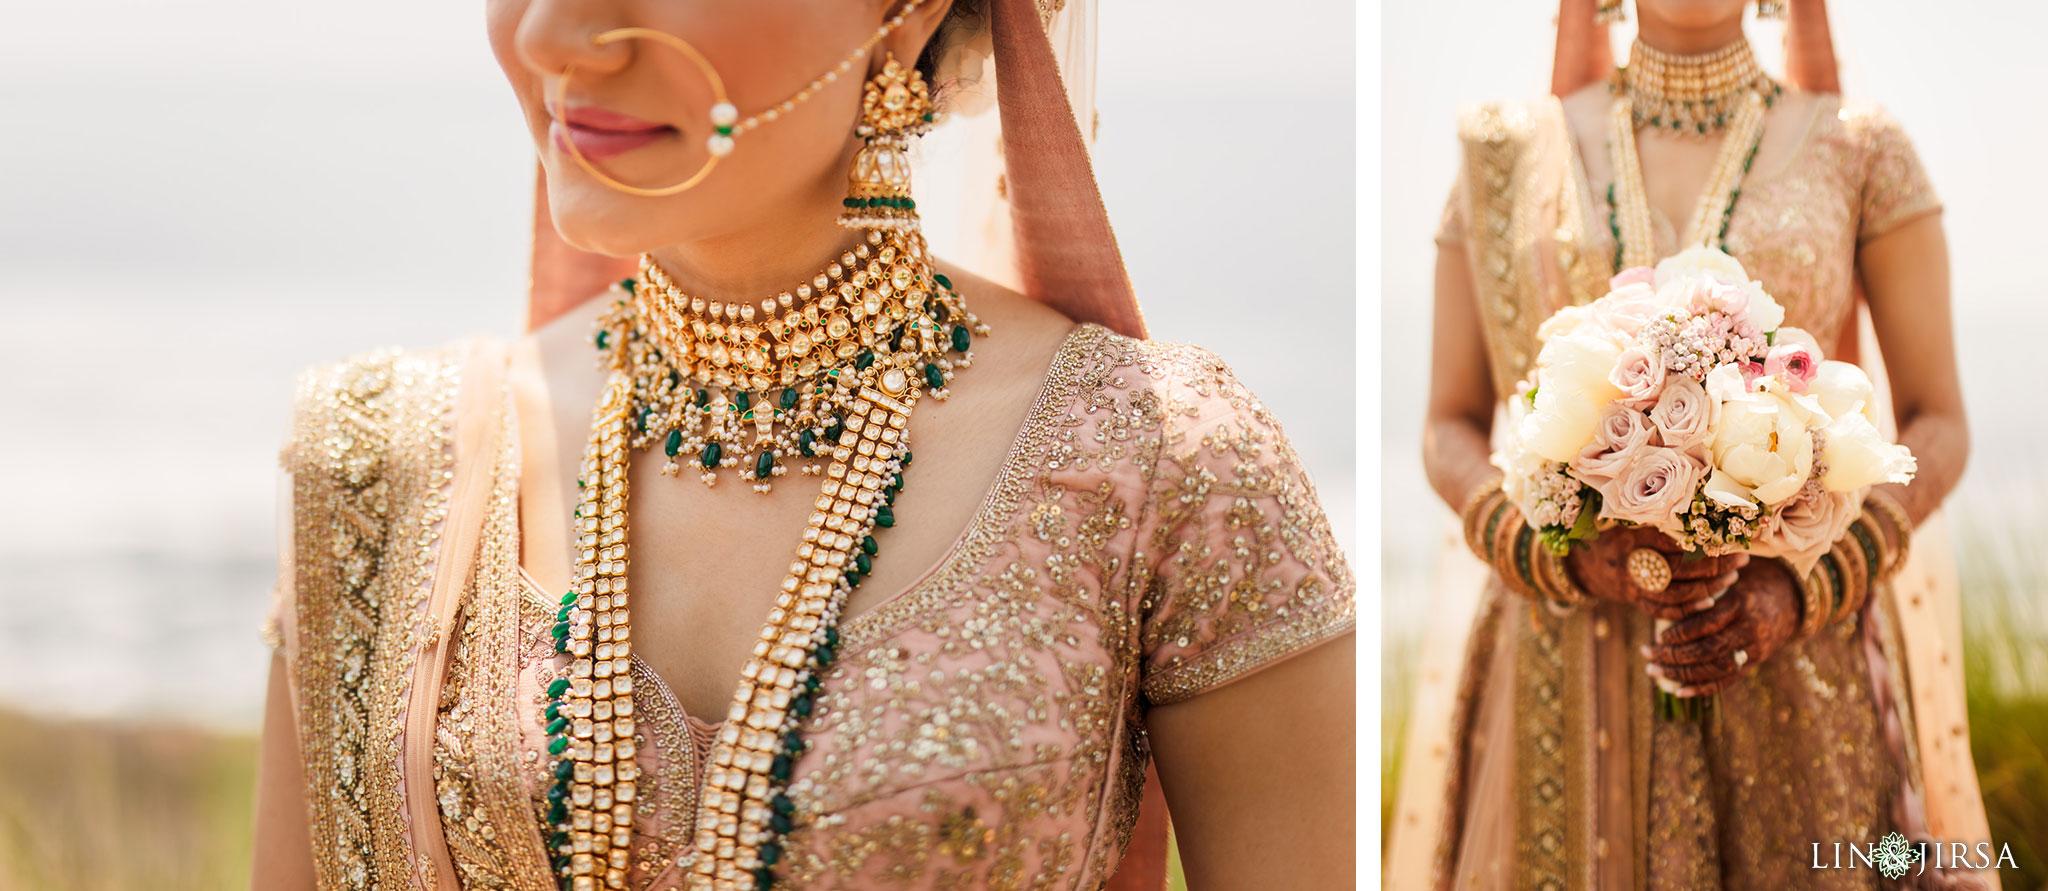 012 terranea resort palos verdes indian bride wedding photography